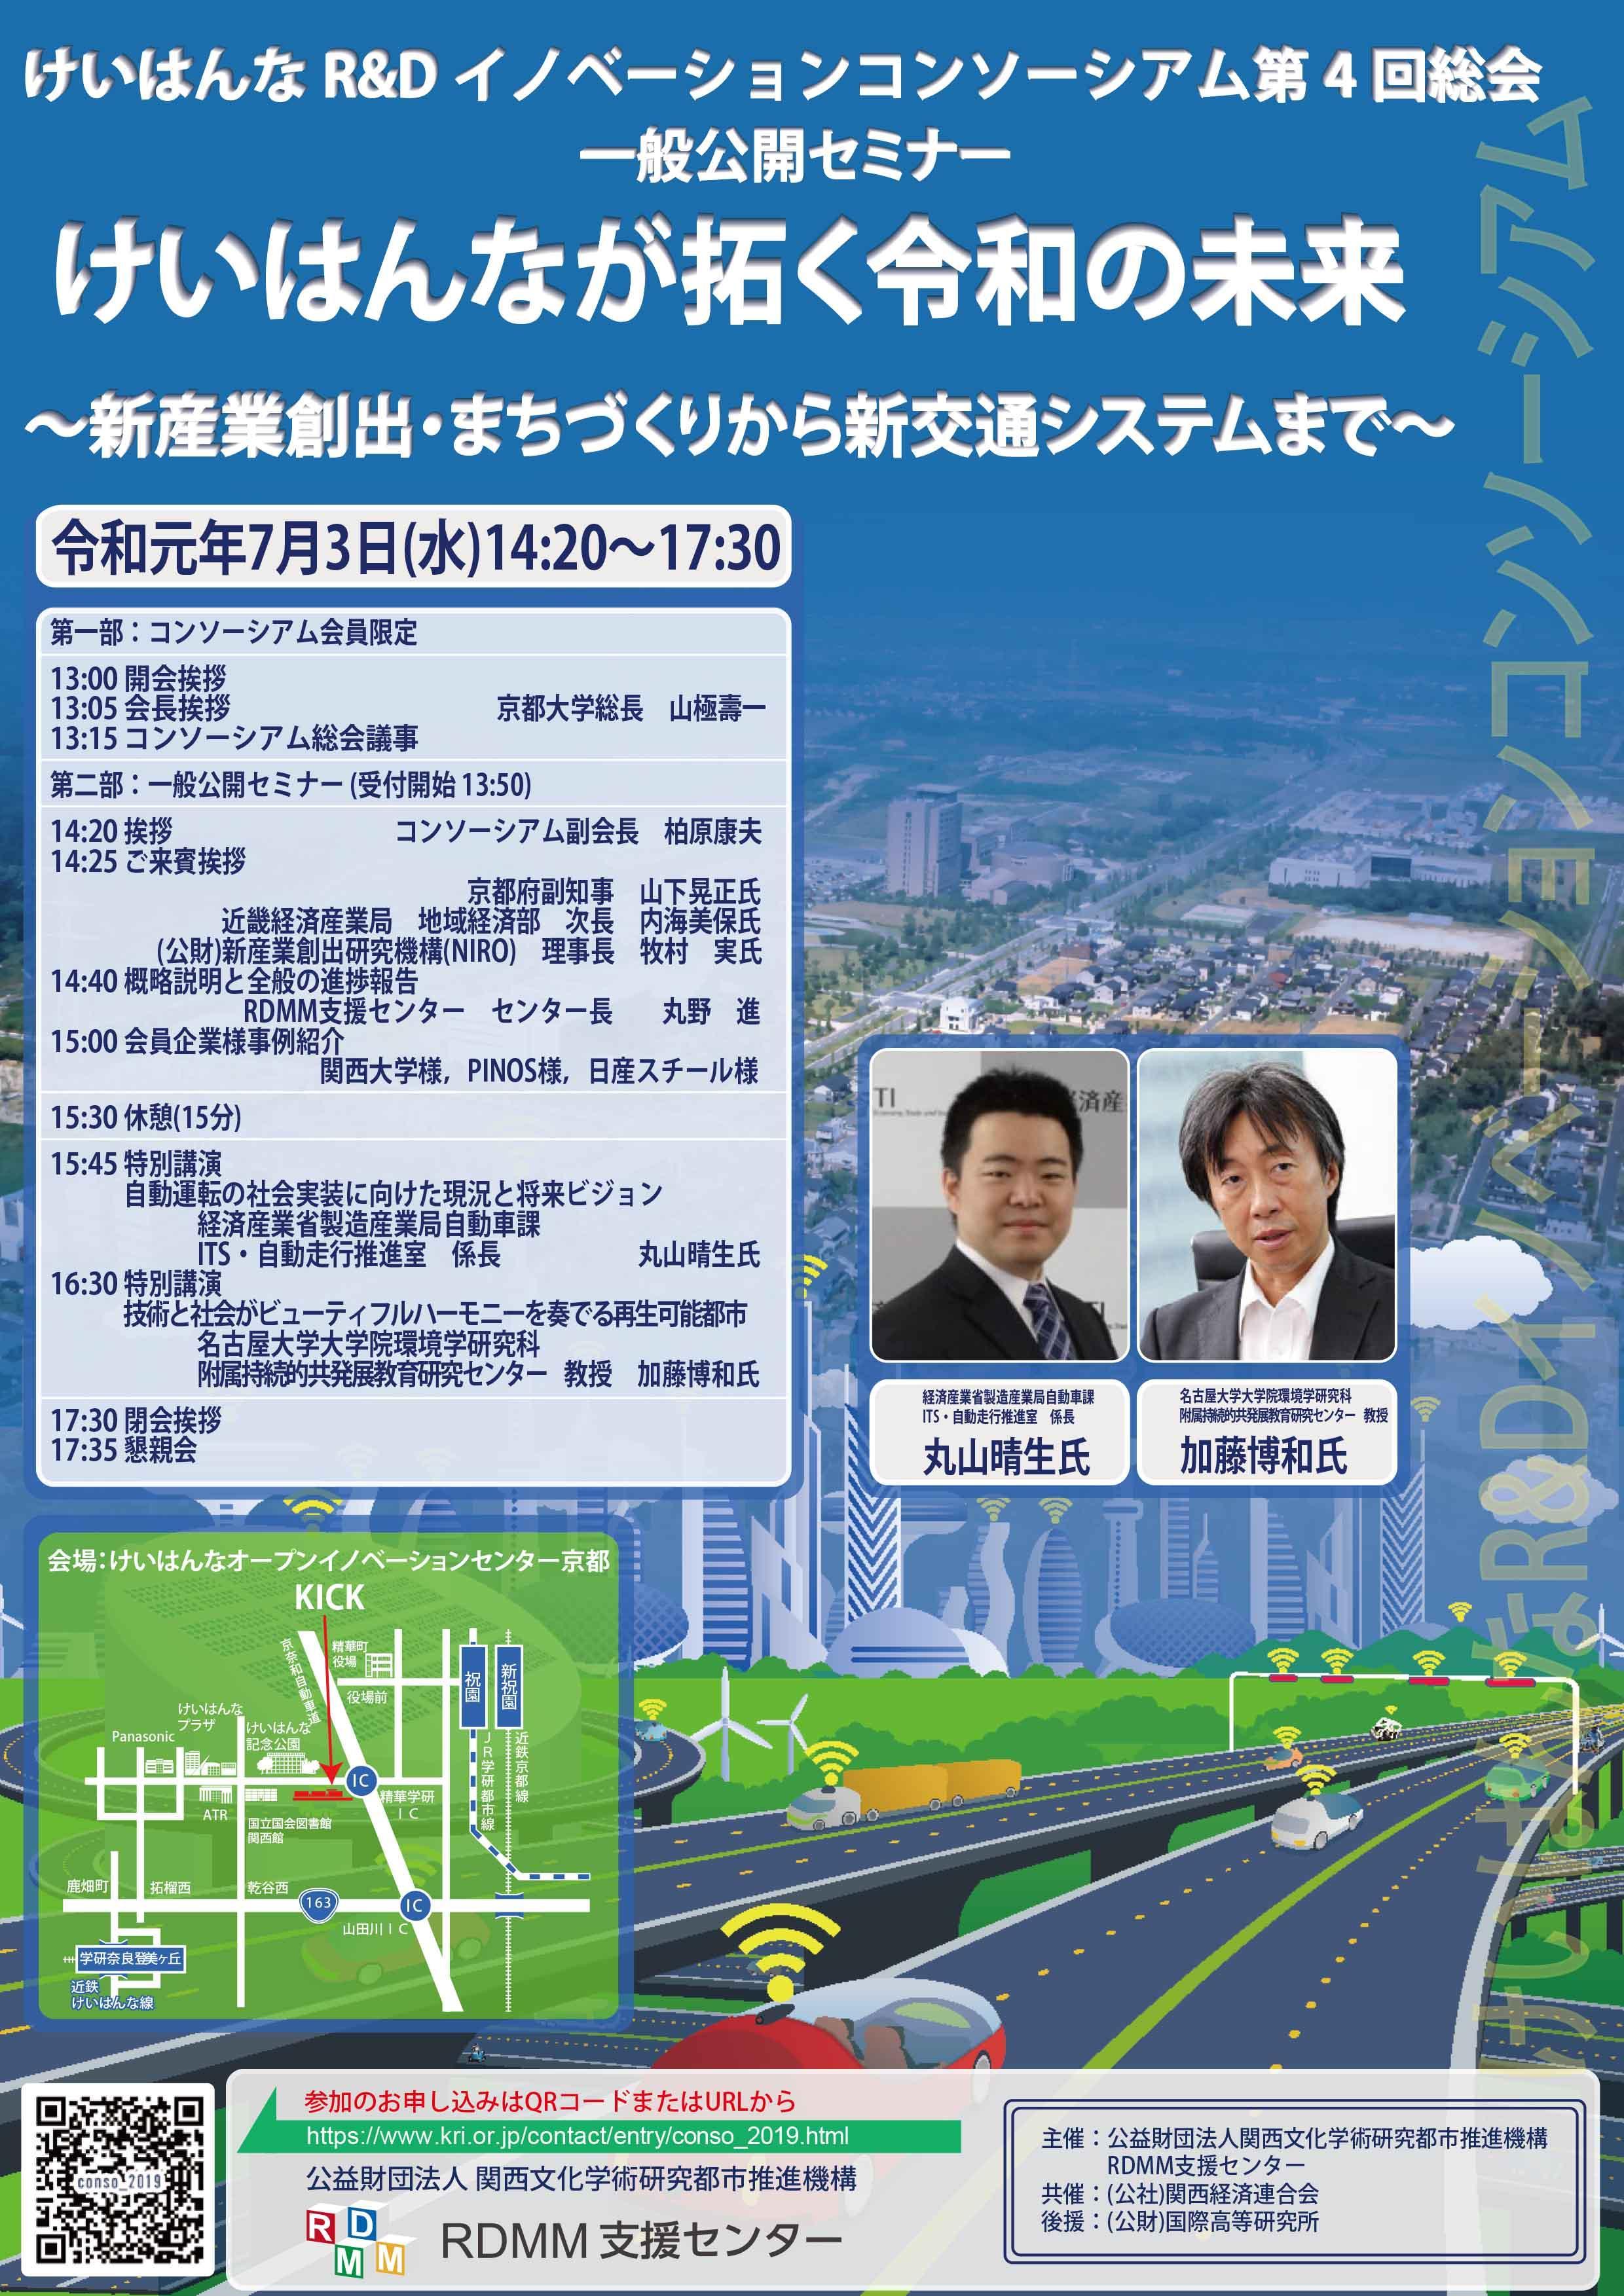 【プレスリリース】「けいはんなR&D イノベーションコンソーシアム」第4回総会